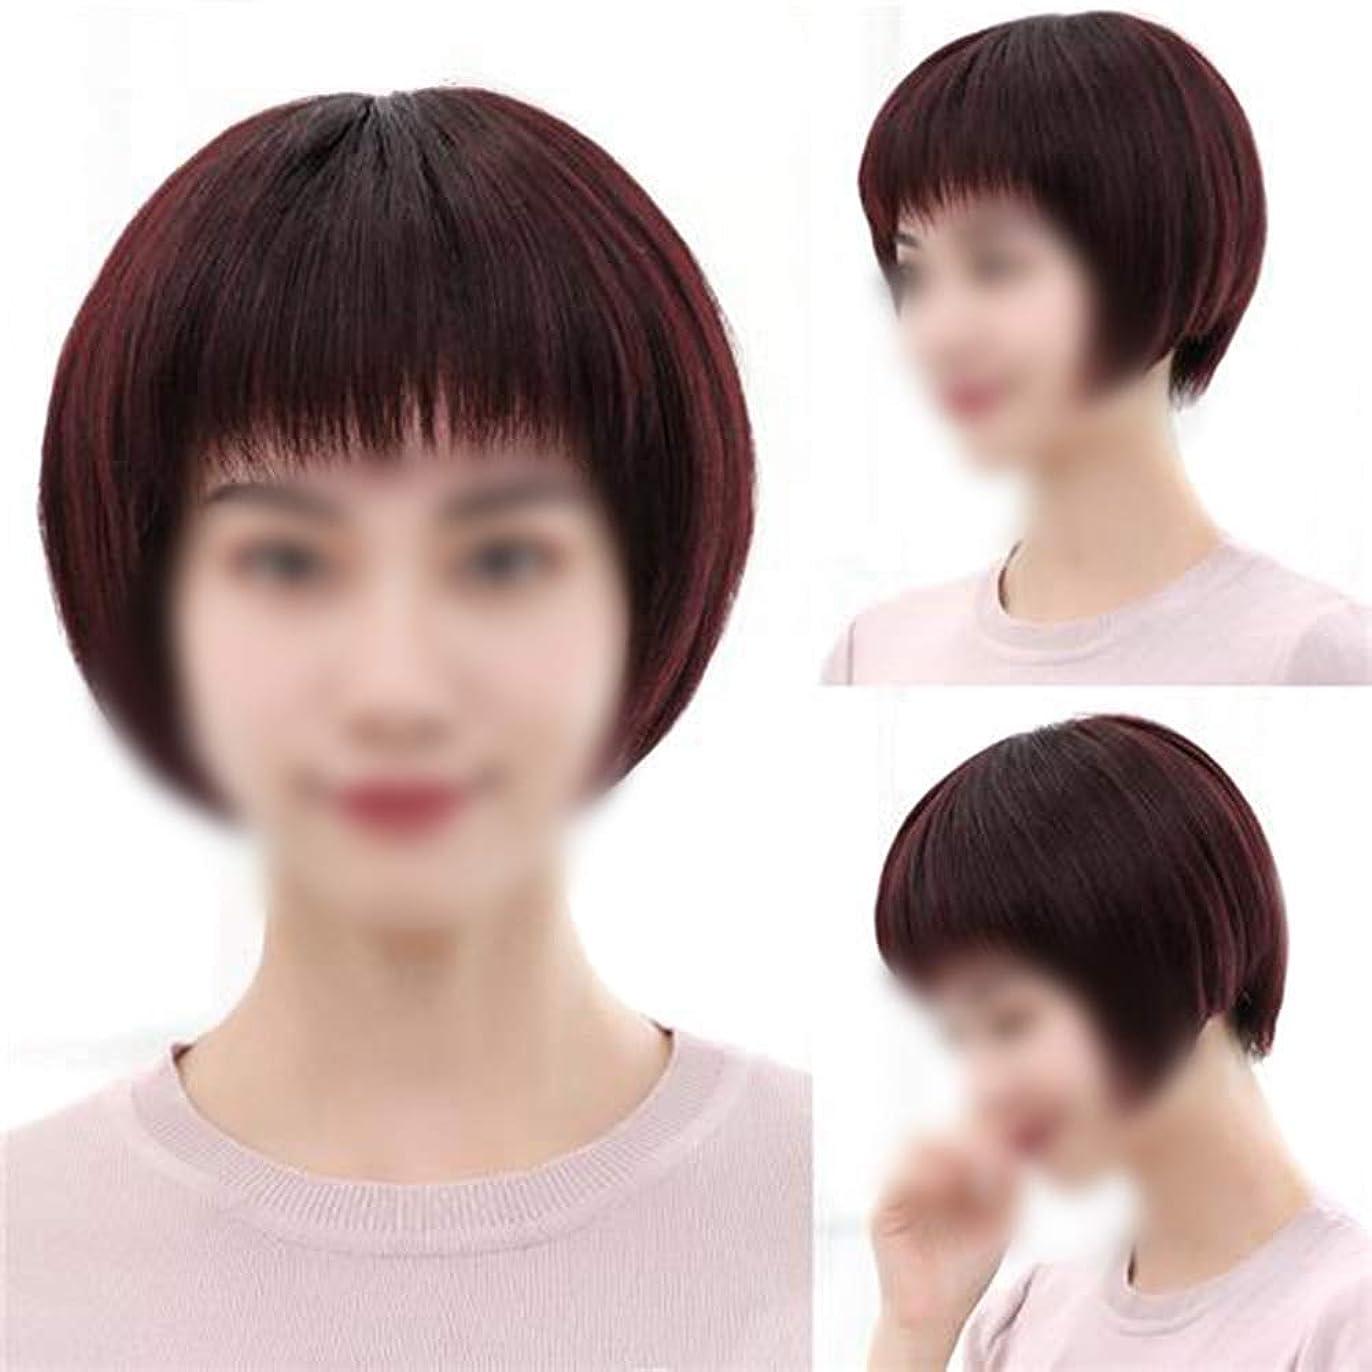 聡明ソフィー呼ぶHOHYLLYA ボブショートストレートヘアフルハンドウィッグリアルヘアウィッグ中年ウィッグファッションウィッグ (色 : Dark brown)